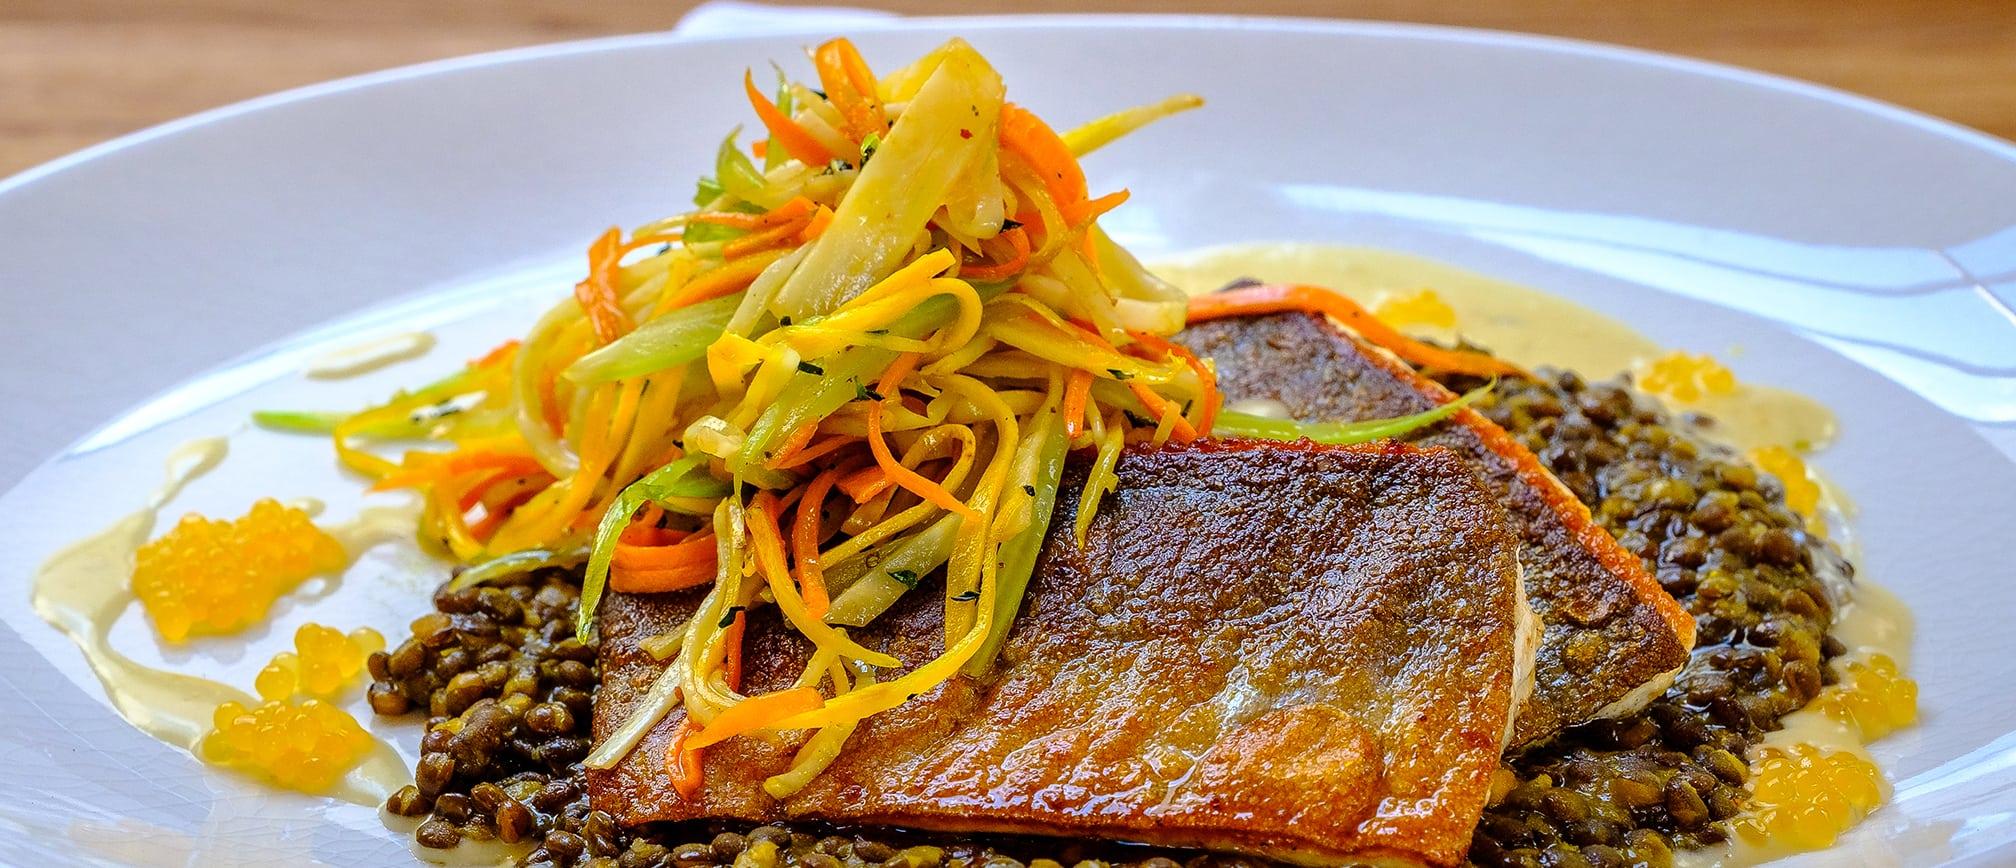 Fisch mit Linsen und Gemüsenudeln als Hauptgang